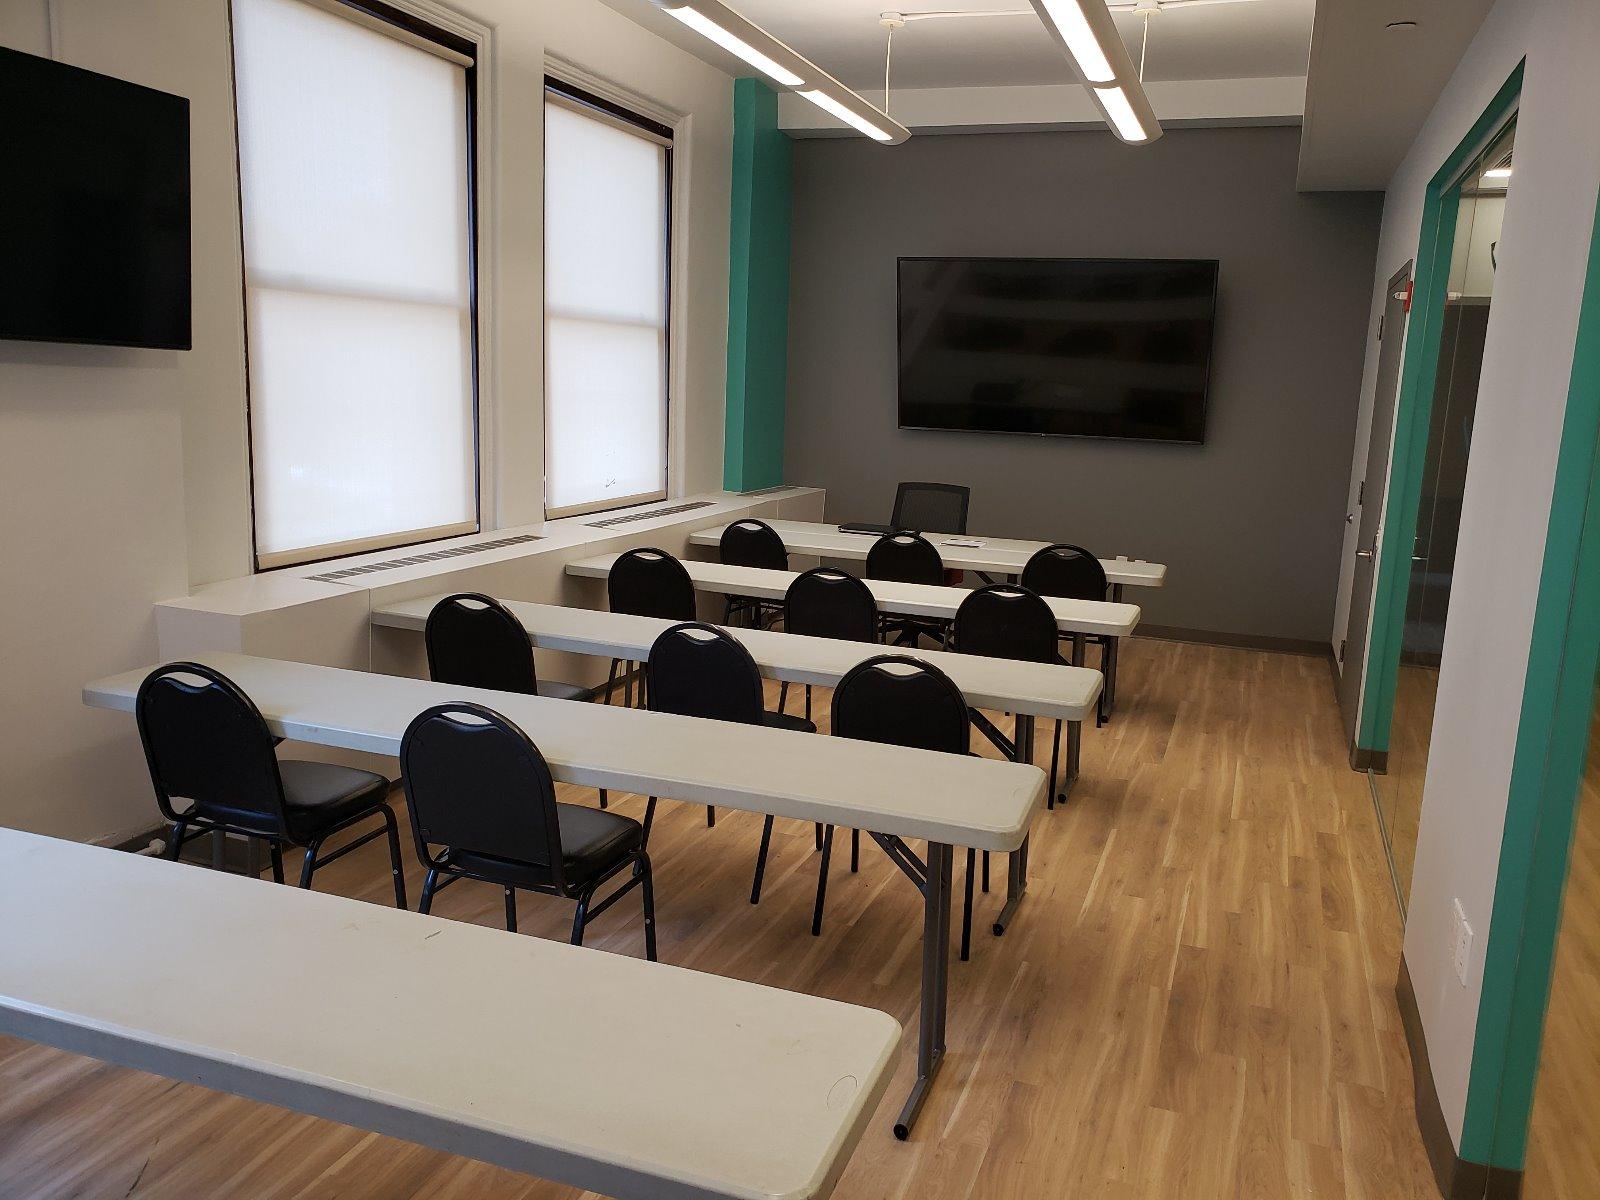 Meeting Room 2